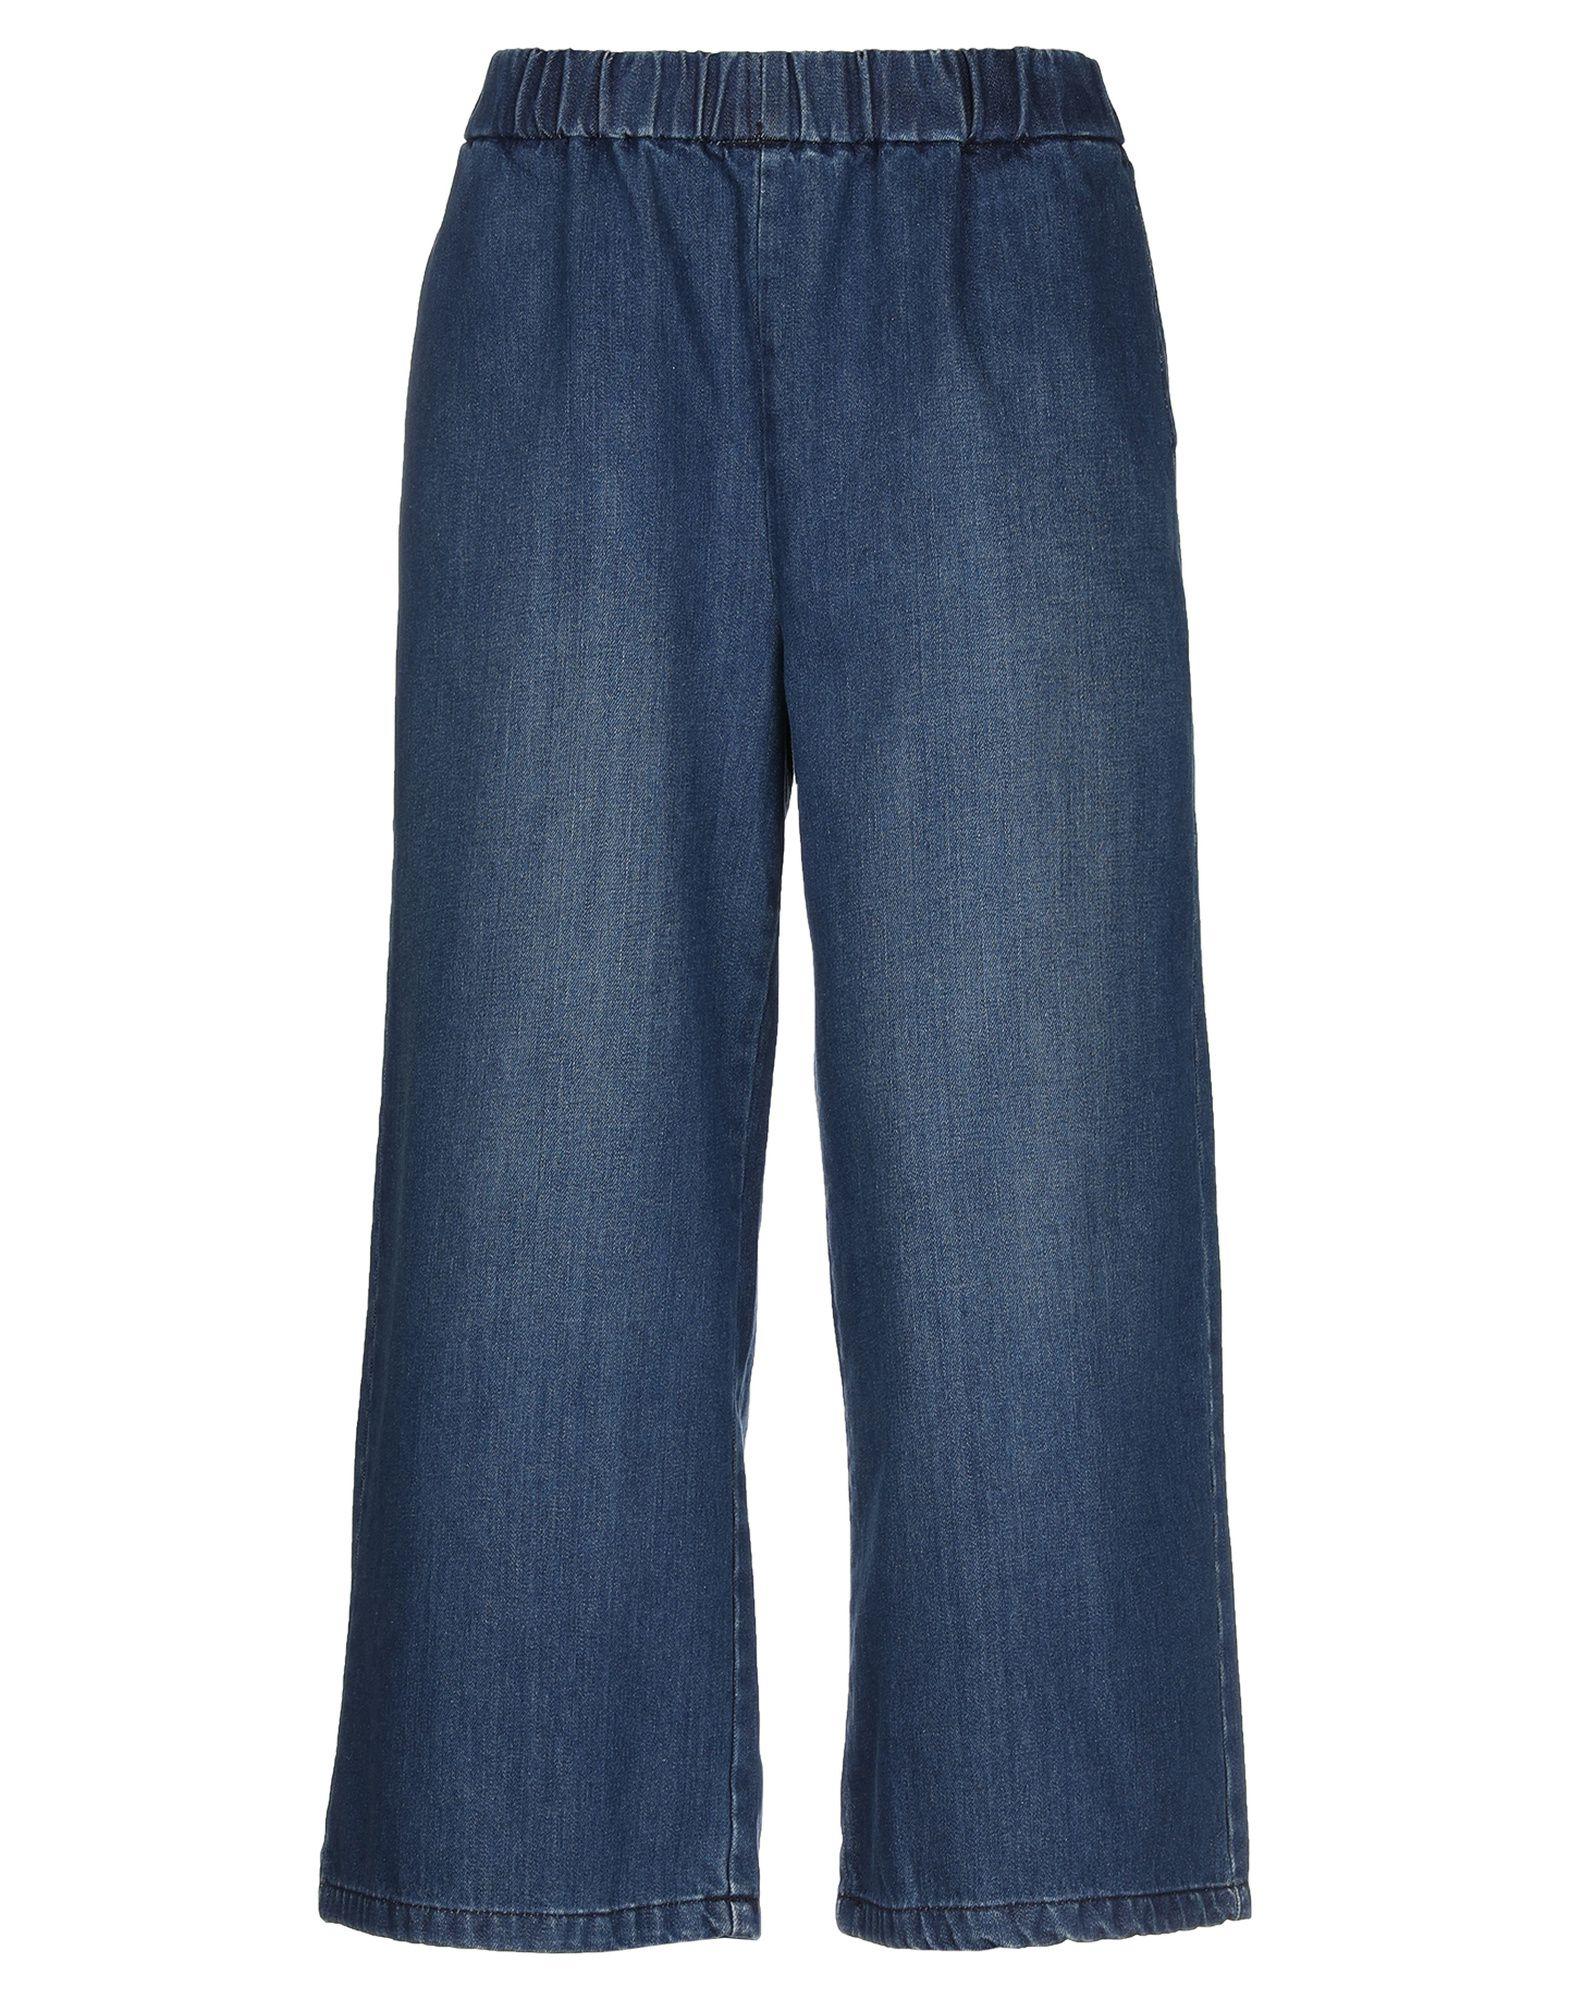 Pantaloni Pantaloni Jeans Dr. Denim Jeansmakers donna - 42747019QT  60% Rabatt